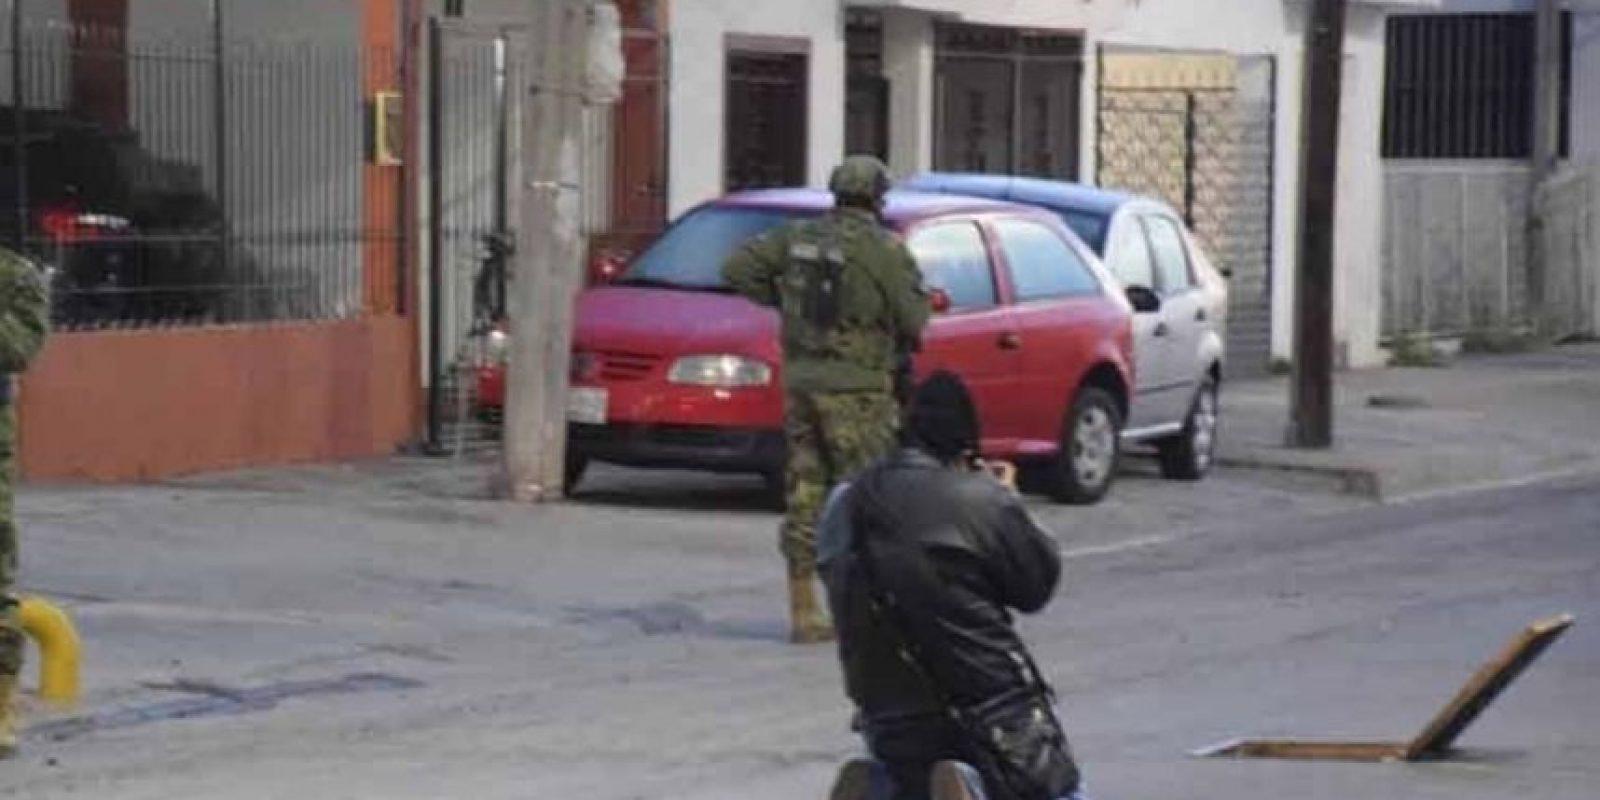 El delincuente intentó escapar de las autoridades por las alcantarillas. Foto:Vía Twitter